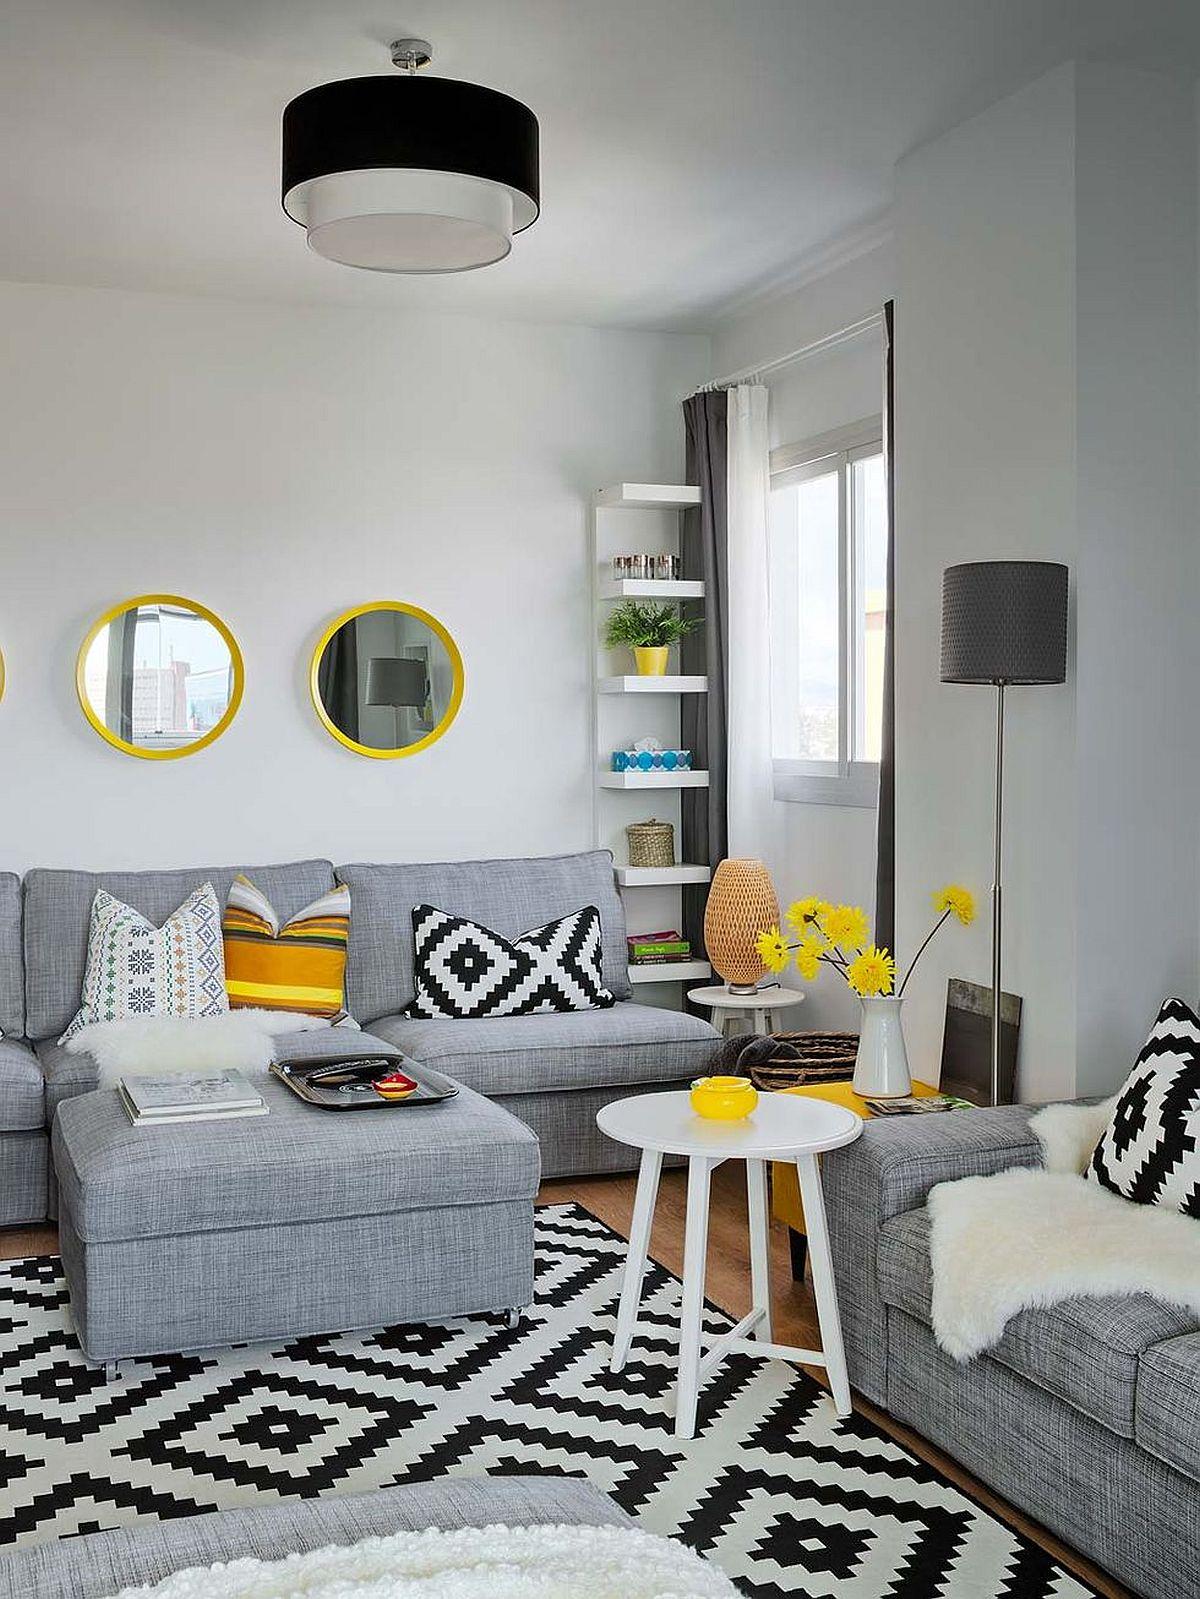 La capitolul mobilier totul este simplu, ales cu forme clare, geometrice. Inclusiv la nivelul covorului formele imprimeului sunt geometrice, ceea ce conferă senzația de ordine, în ciuda numeroaselor decorațiuni. Câteva oglinzi poziționate deasupra canapelei, captează lumina dinspre ferestre și dau impresiade spațiu.